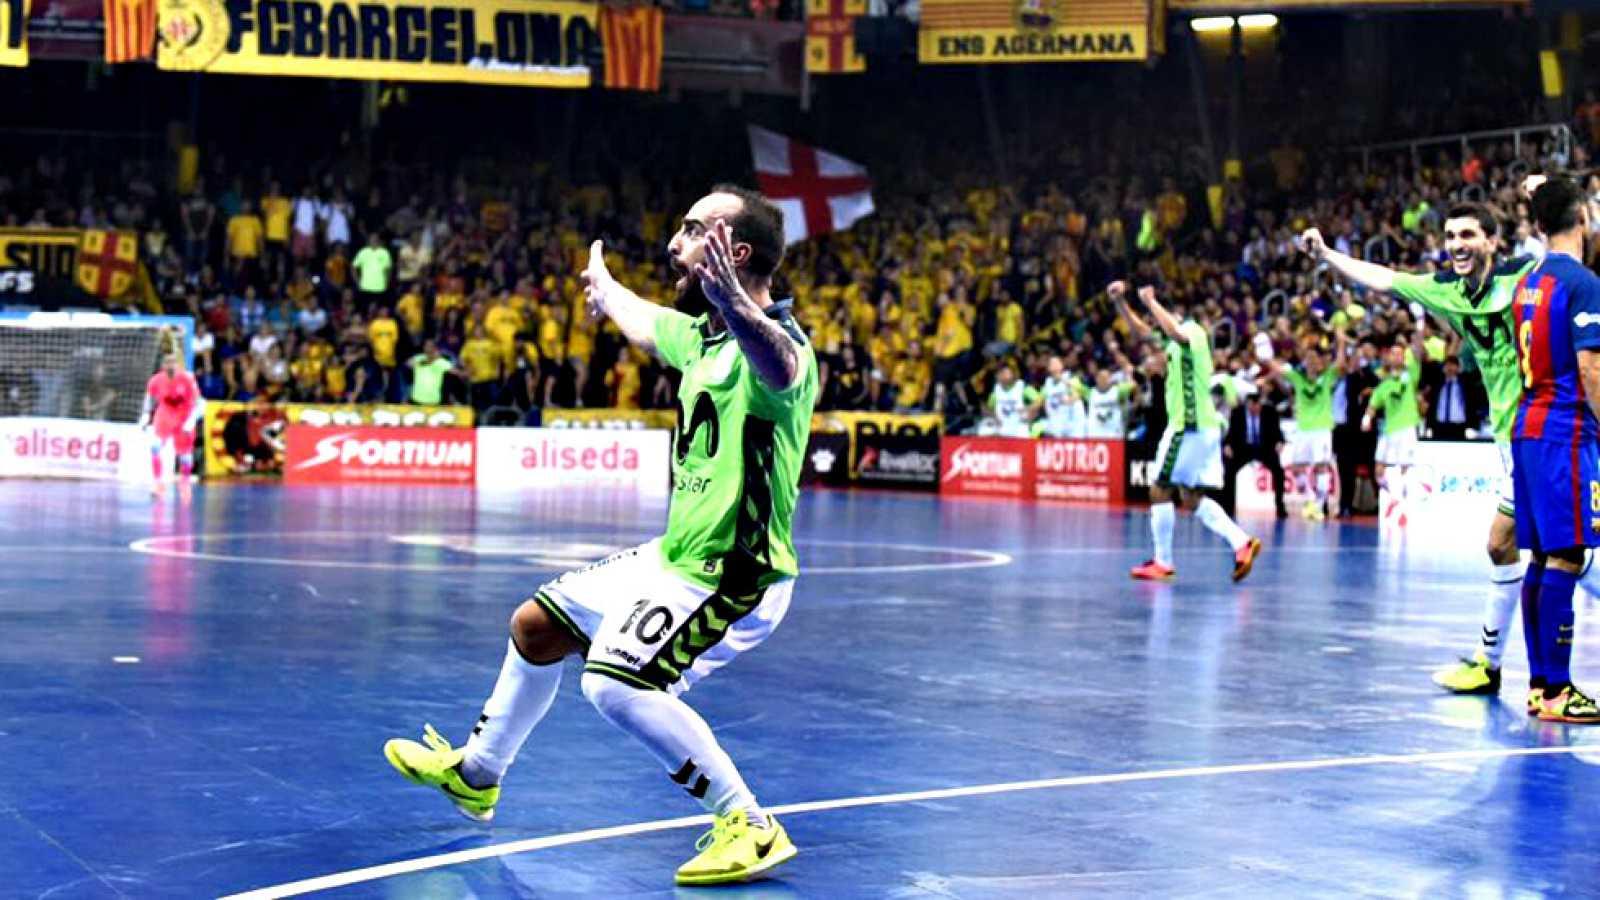 El equipo madrileño se impone 1-6 en Barcelona y llevará la final de la  reproducir video c1f4998f79c9d